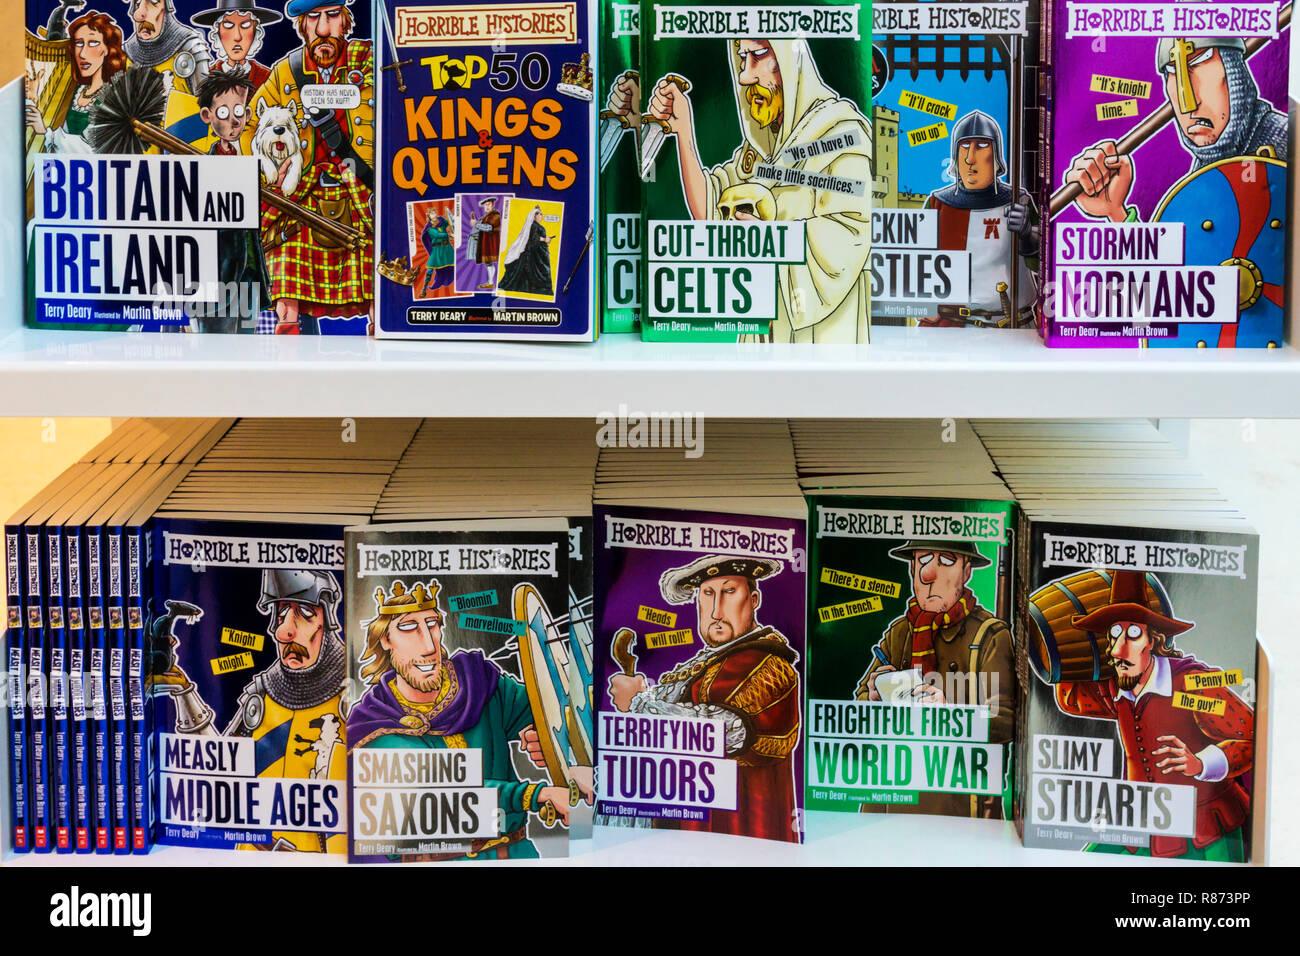 Eine Auswahl der schrecklichen Geschichten Bücher zum Verkauf, von Terry Deary & Martin Braun. Stockbild